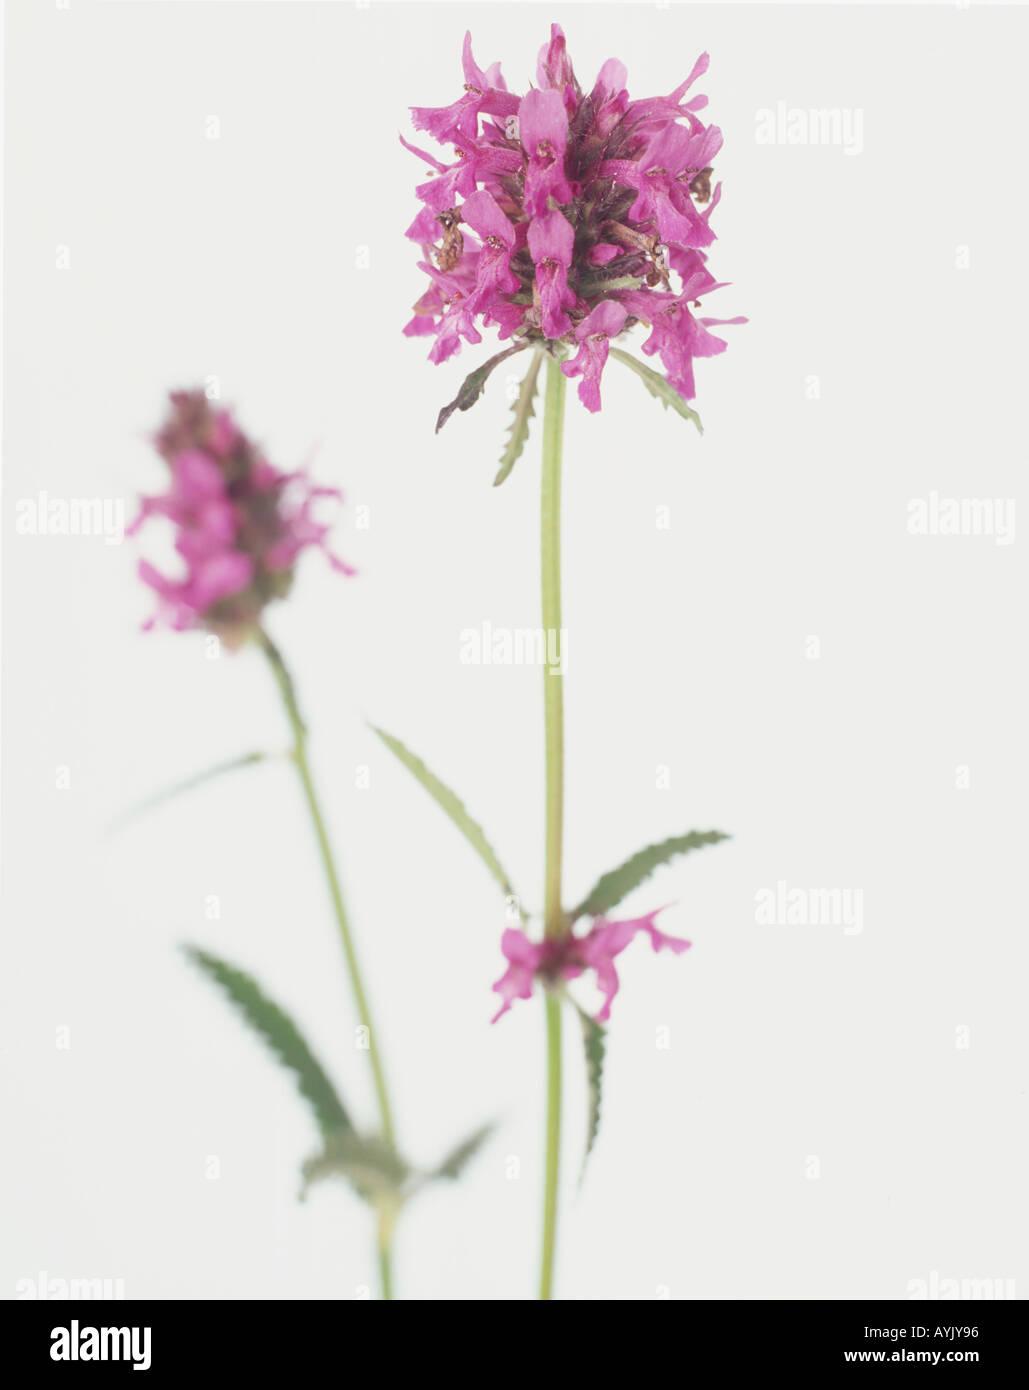 Stachys Officinalis Betony Dense Whorls Of Pink Flowers Growing At